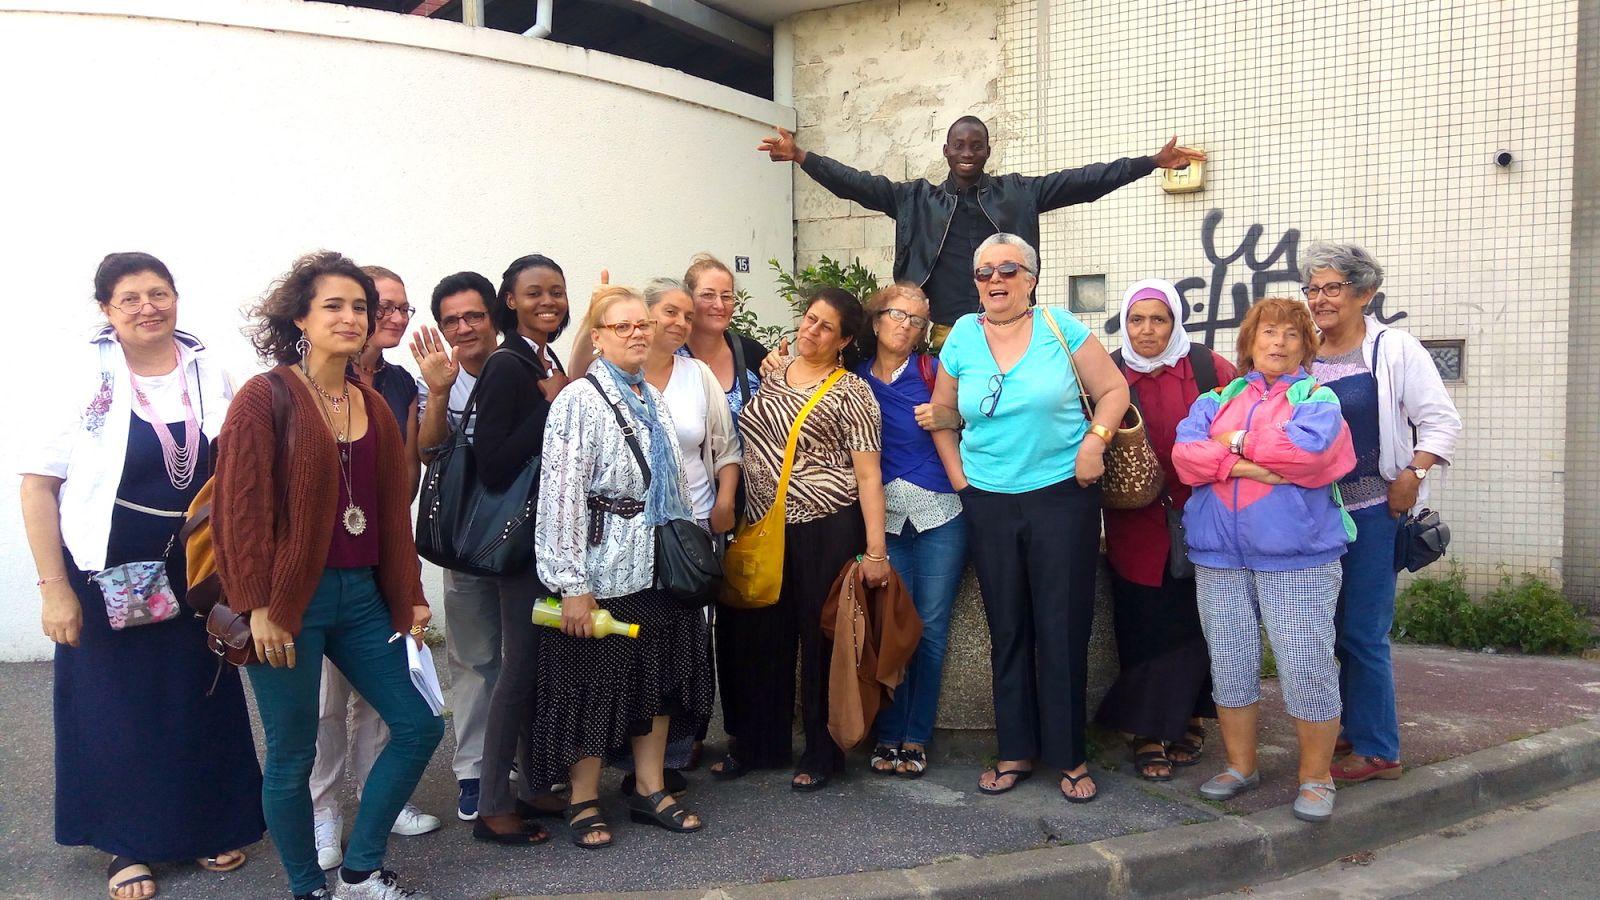 Val de Marne : L'exil au féminin à Ivry